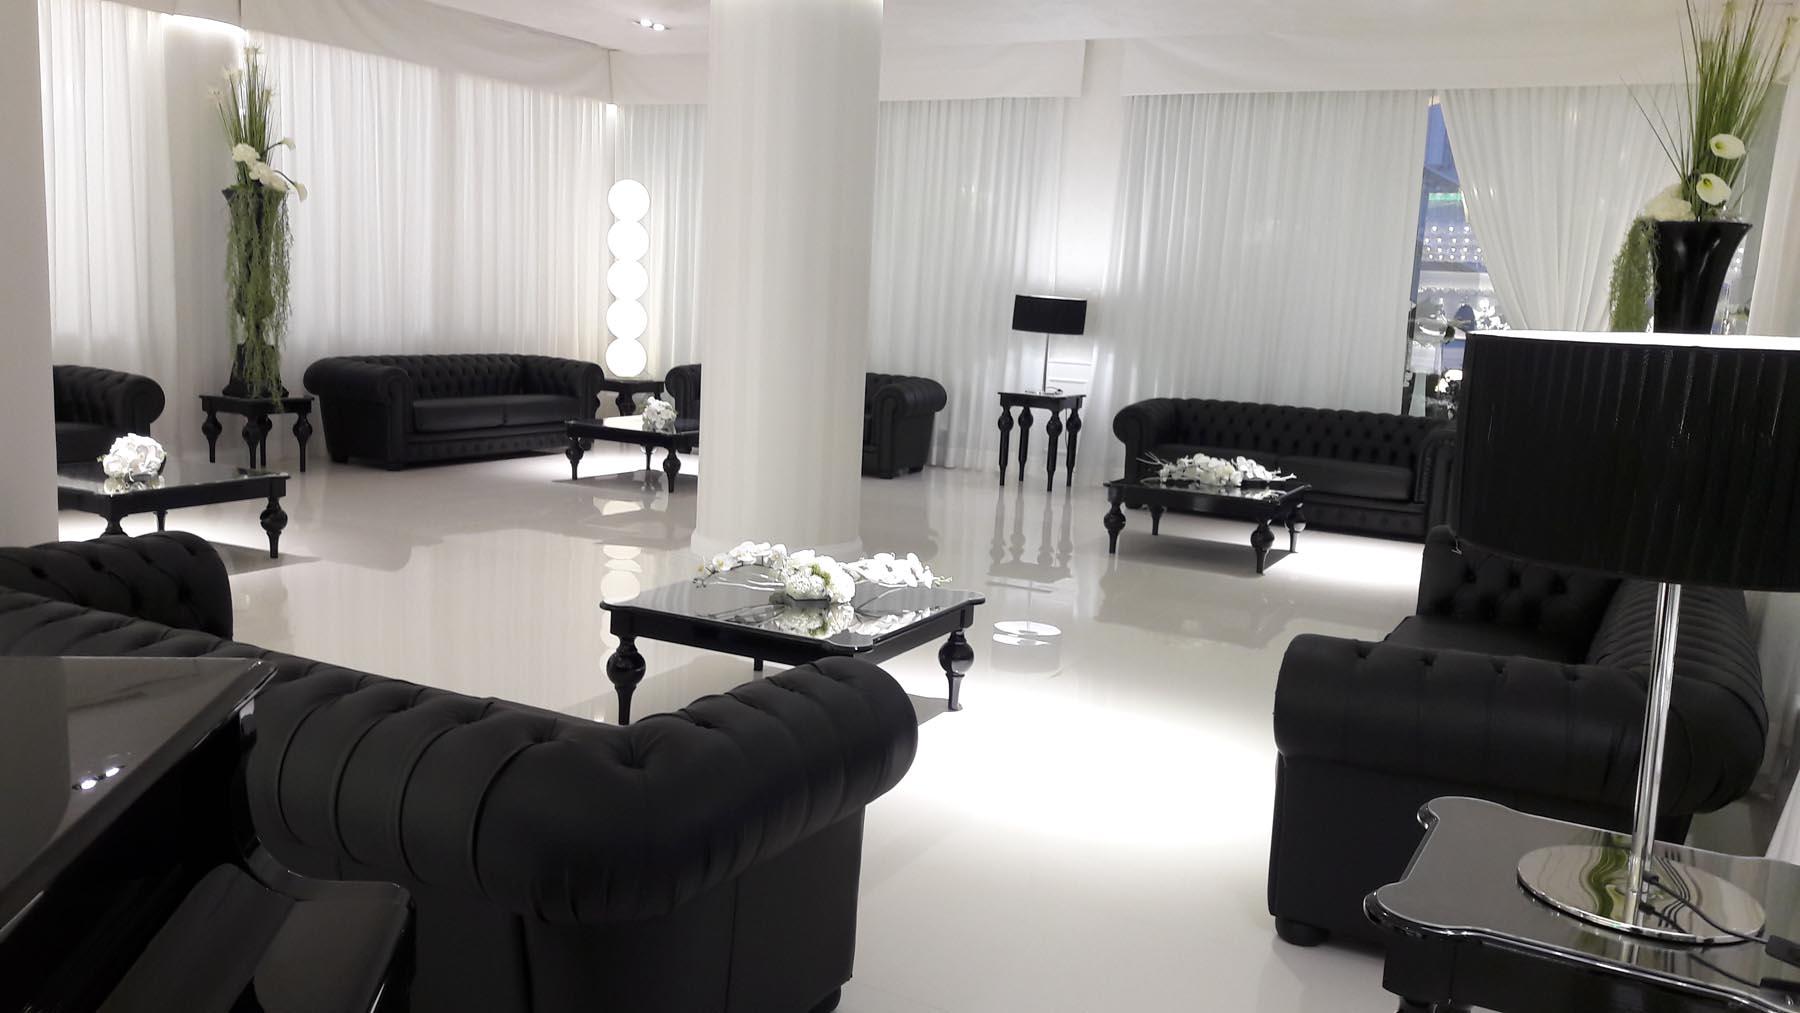 Dea Ebe Black e White in stile chanel (24)